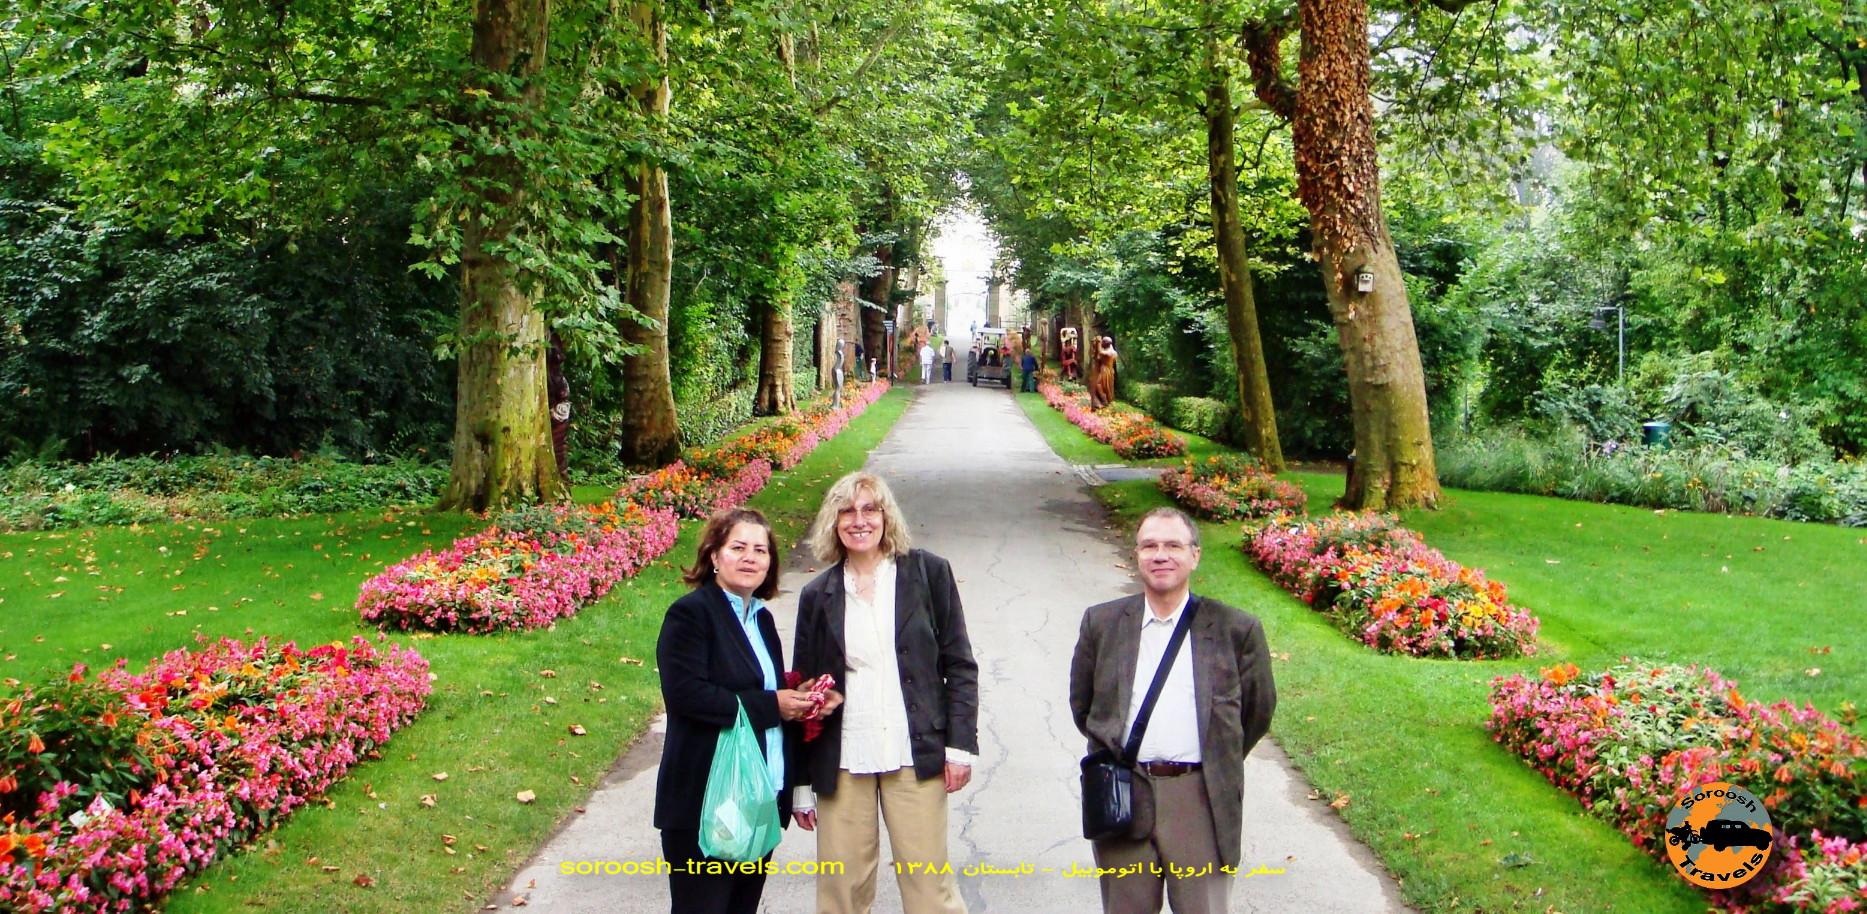 30-shahrivar-1388-21-september-2009-ludwigsburg-27